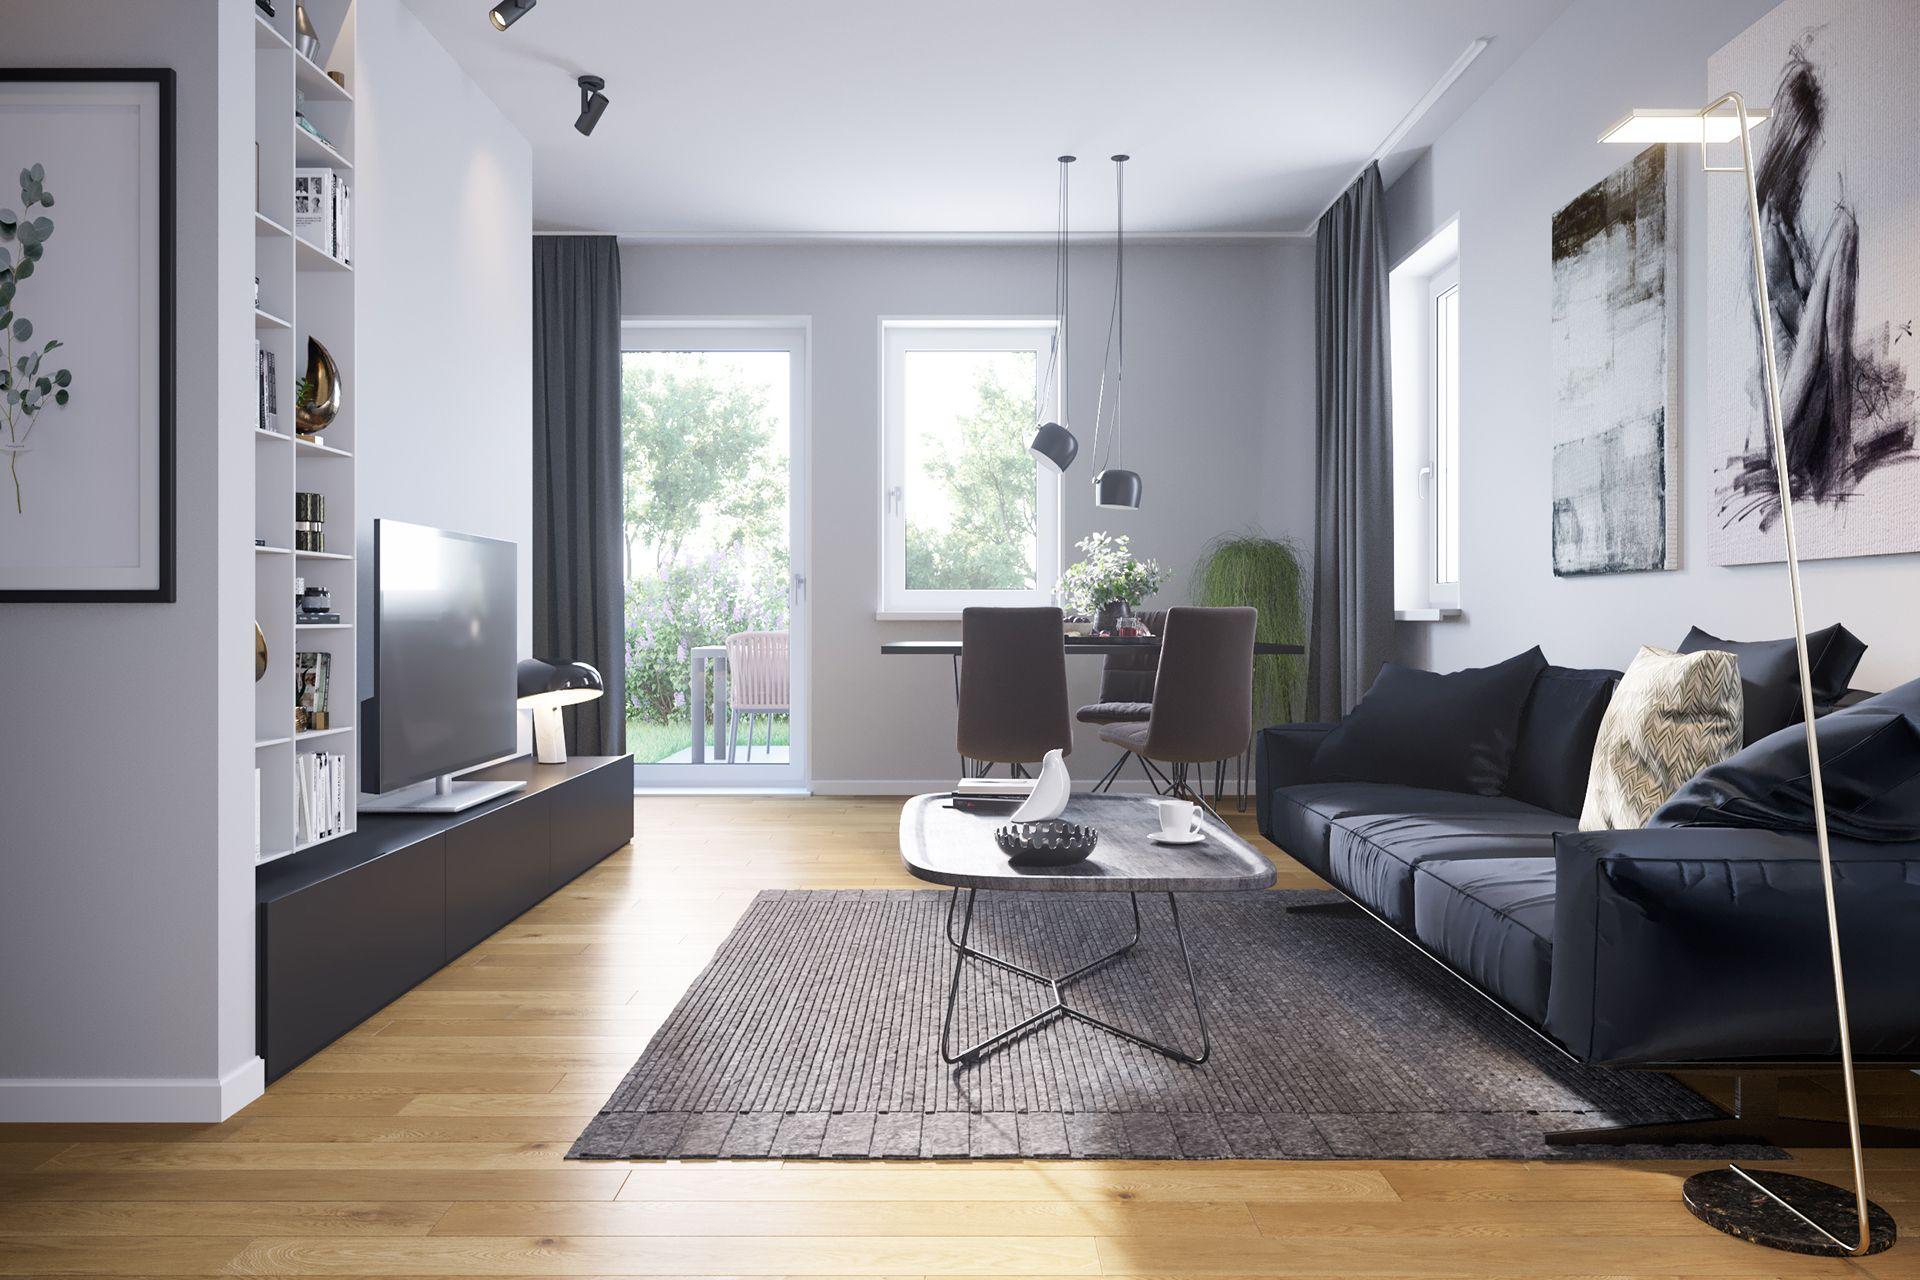 Wohnzimmer von Krems an der Donau Niederösterreich